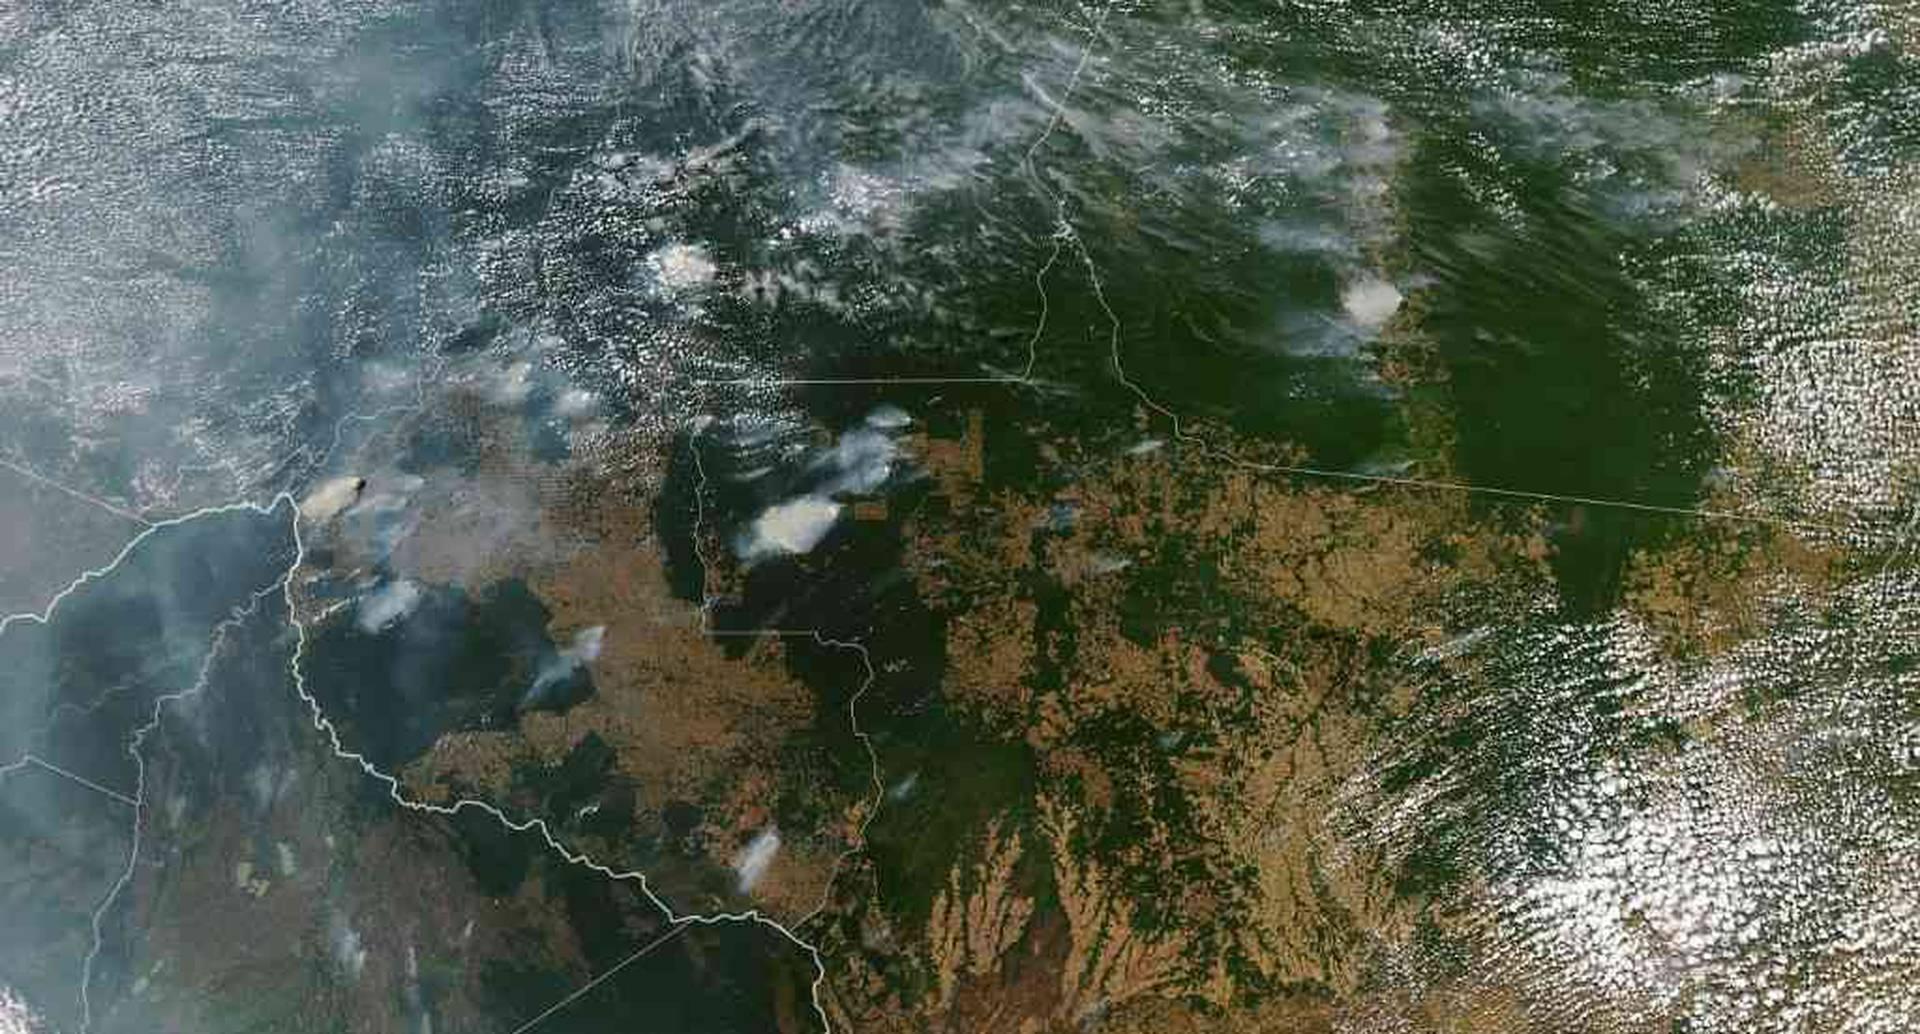 La causa del actual descontrol, según analistas, es el fuerte aumento de la deforestación.